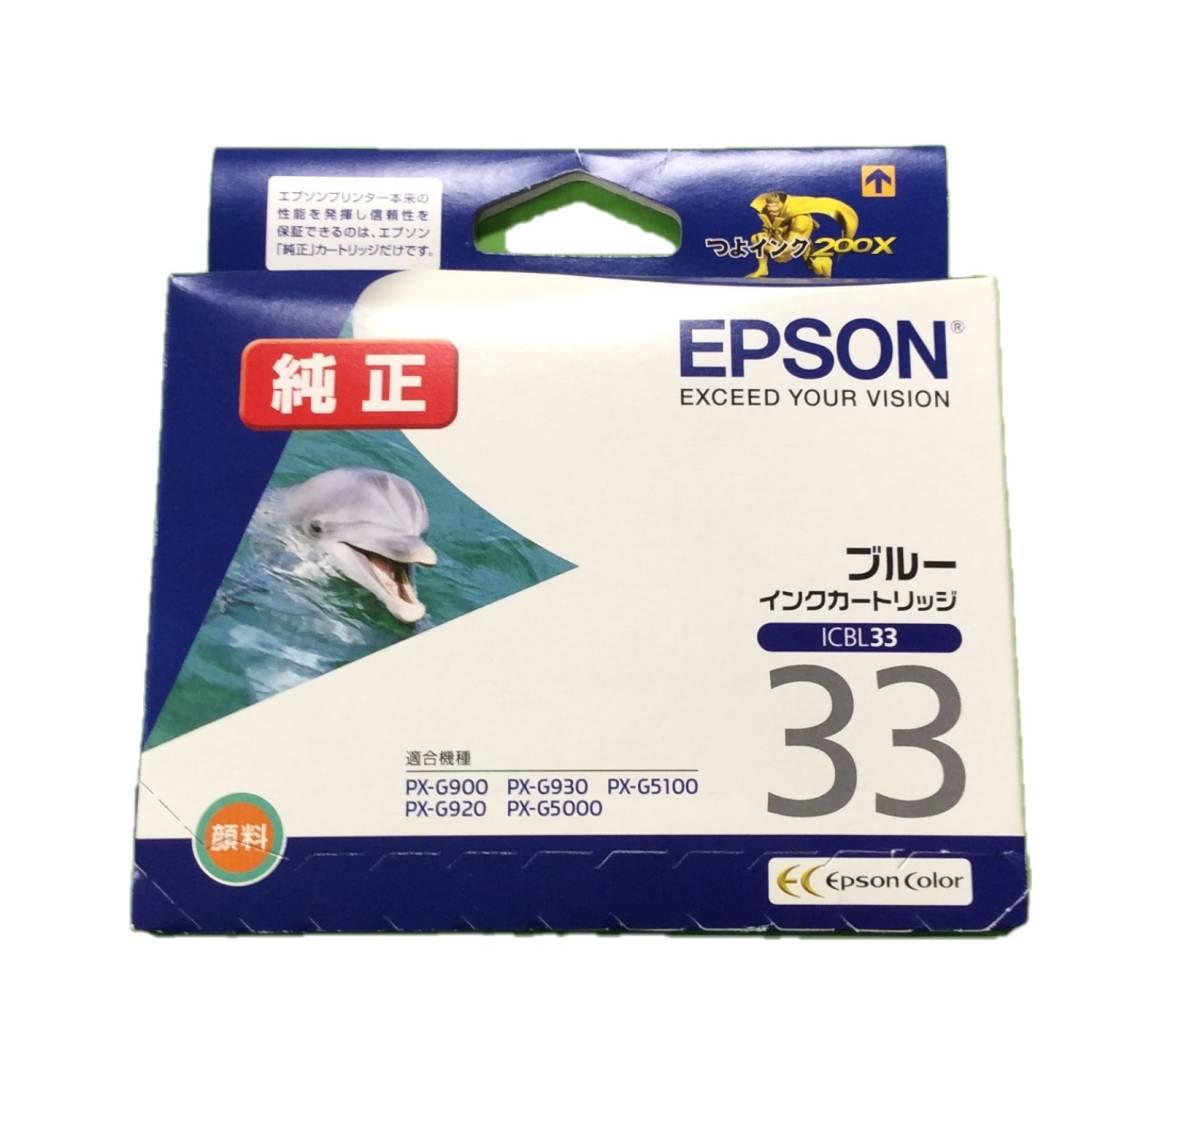 イ9【即決】【訳あり】◆EPSON エプソン ICBL33◆純正 インクカートリッジ 推奨使用期限切れ_画像1